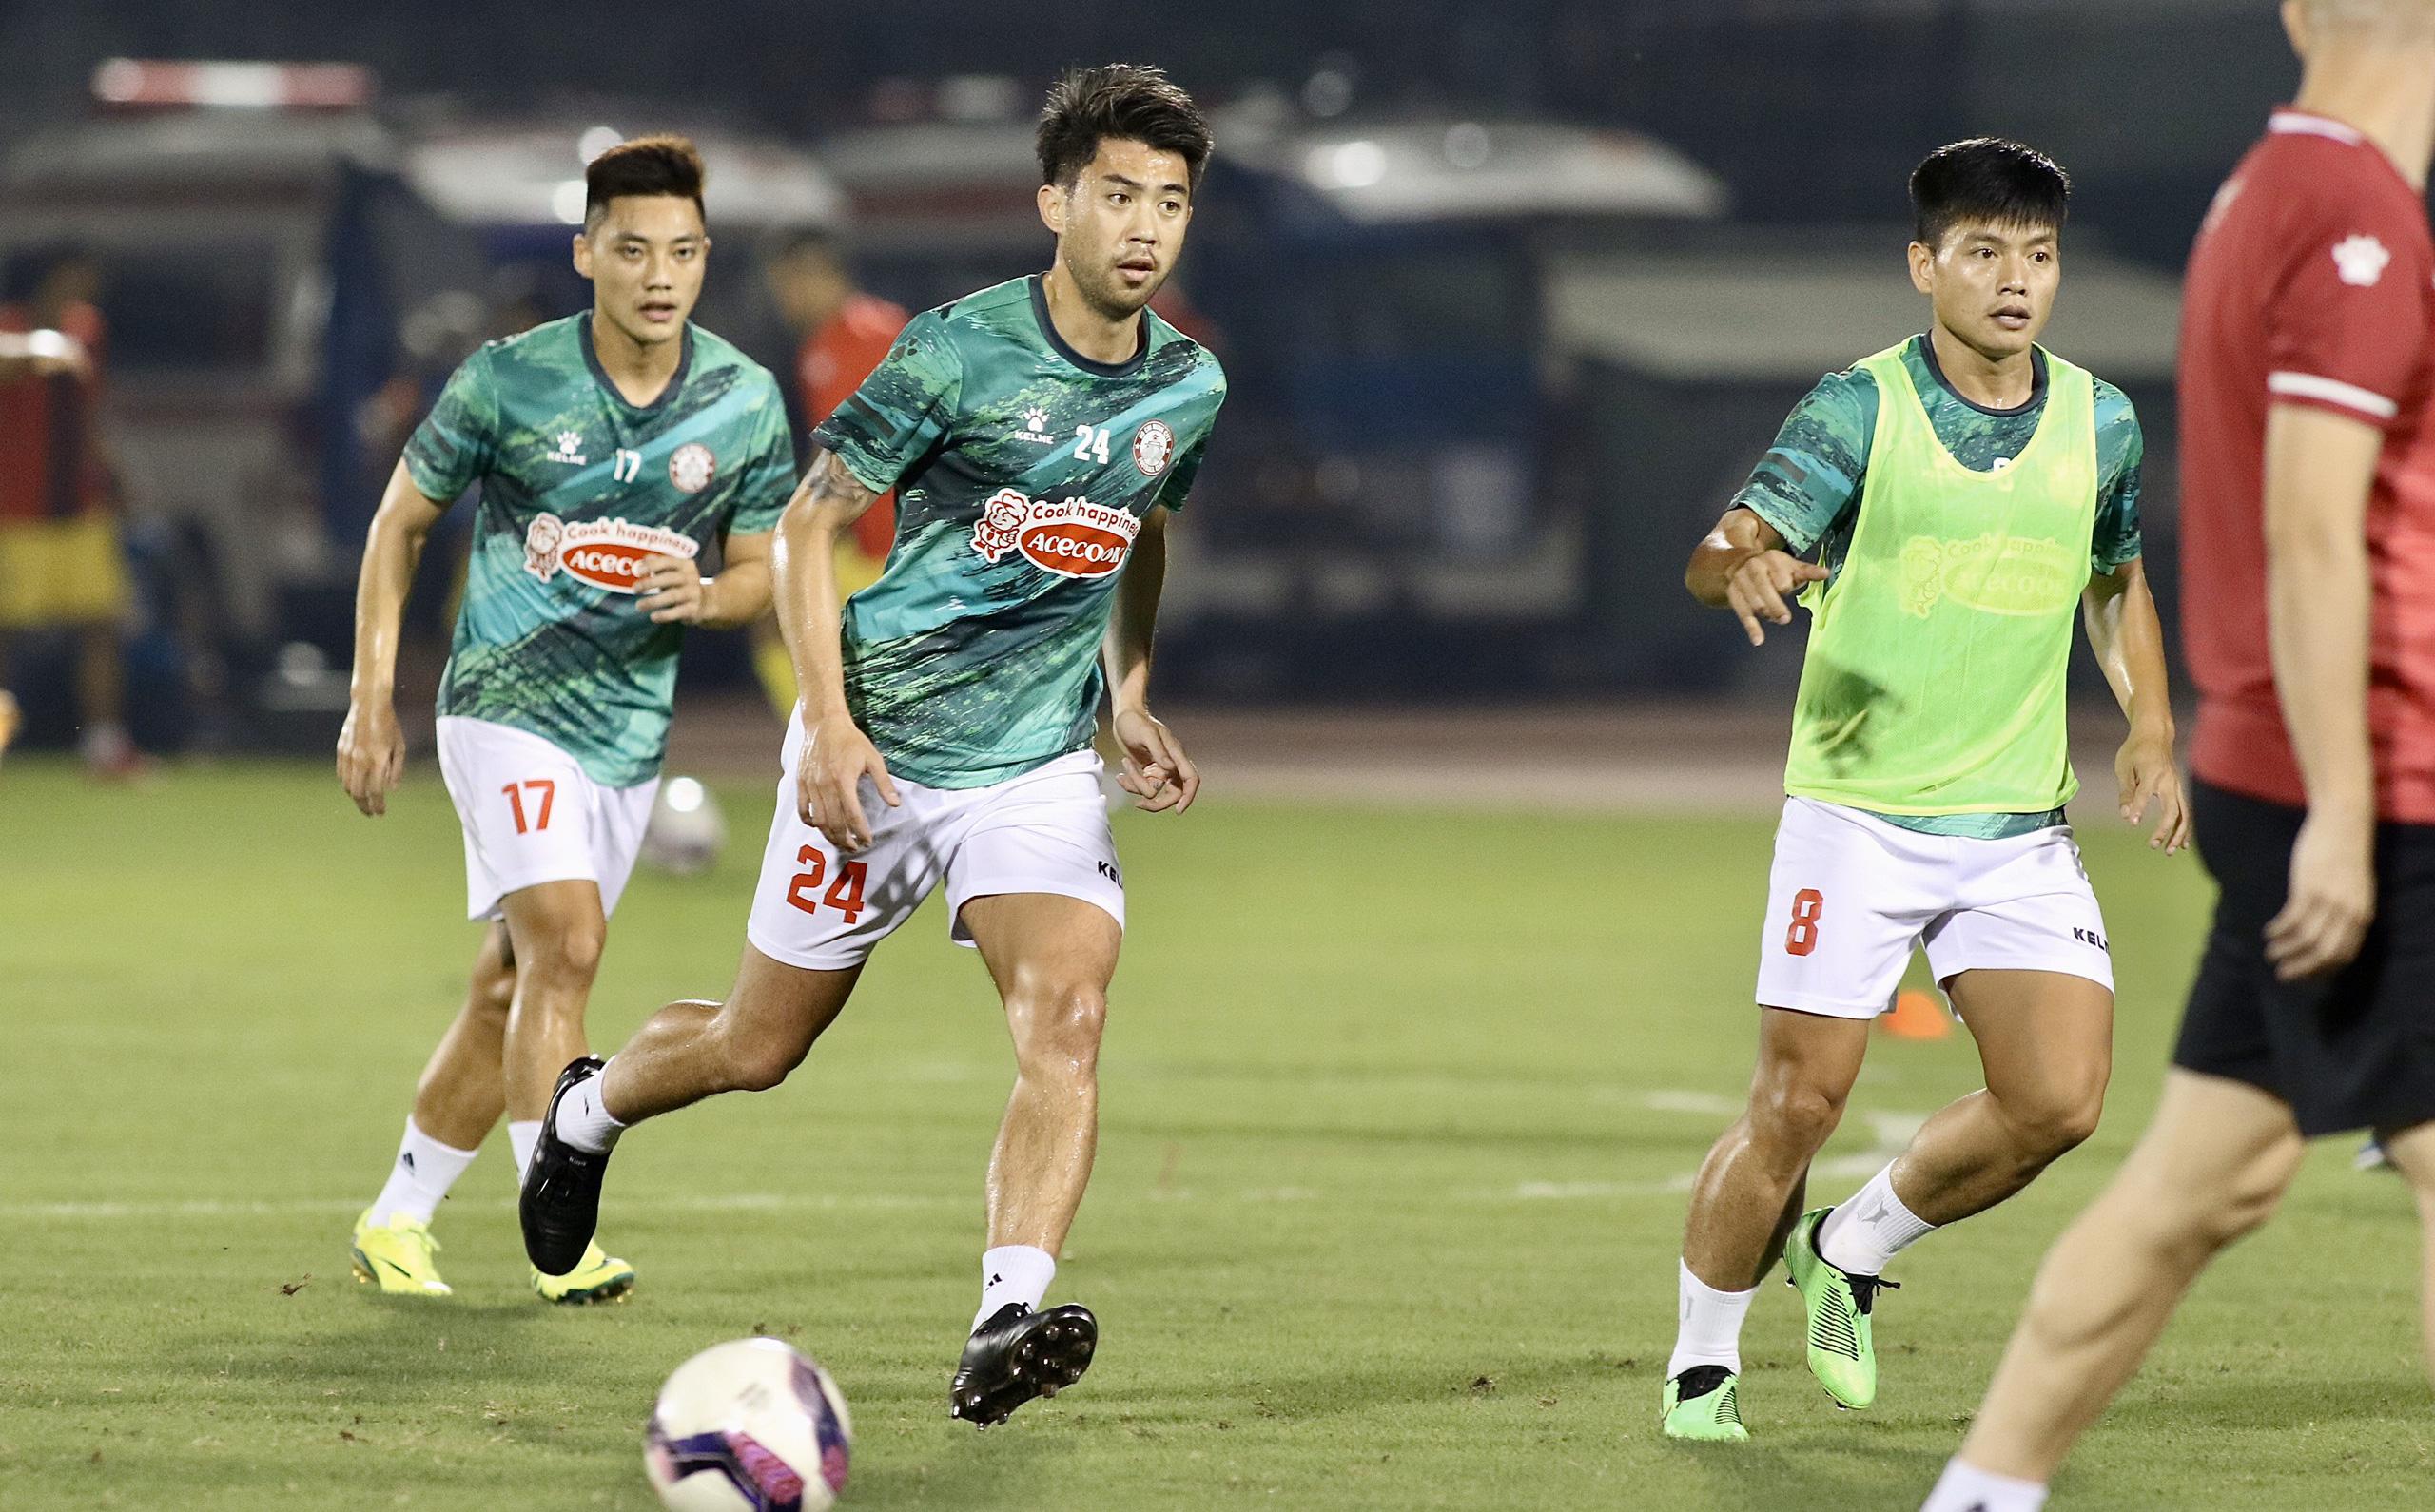 [TRỰC TIẾP] CLB TP.HCM vs Hồng Lĩnh Hà Tĩnh: Lee Nguyễn bất ngờ được đá chính